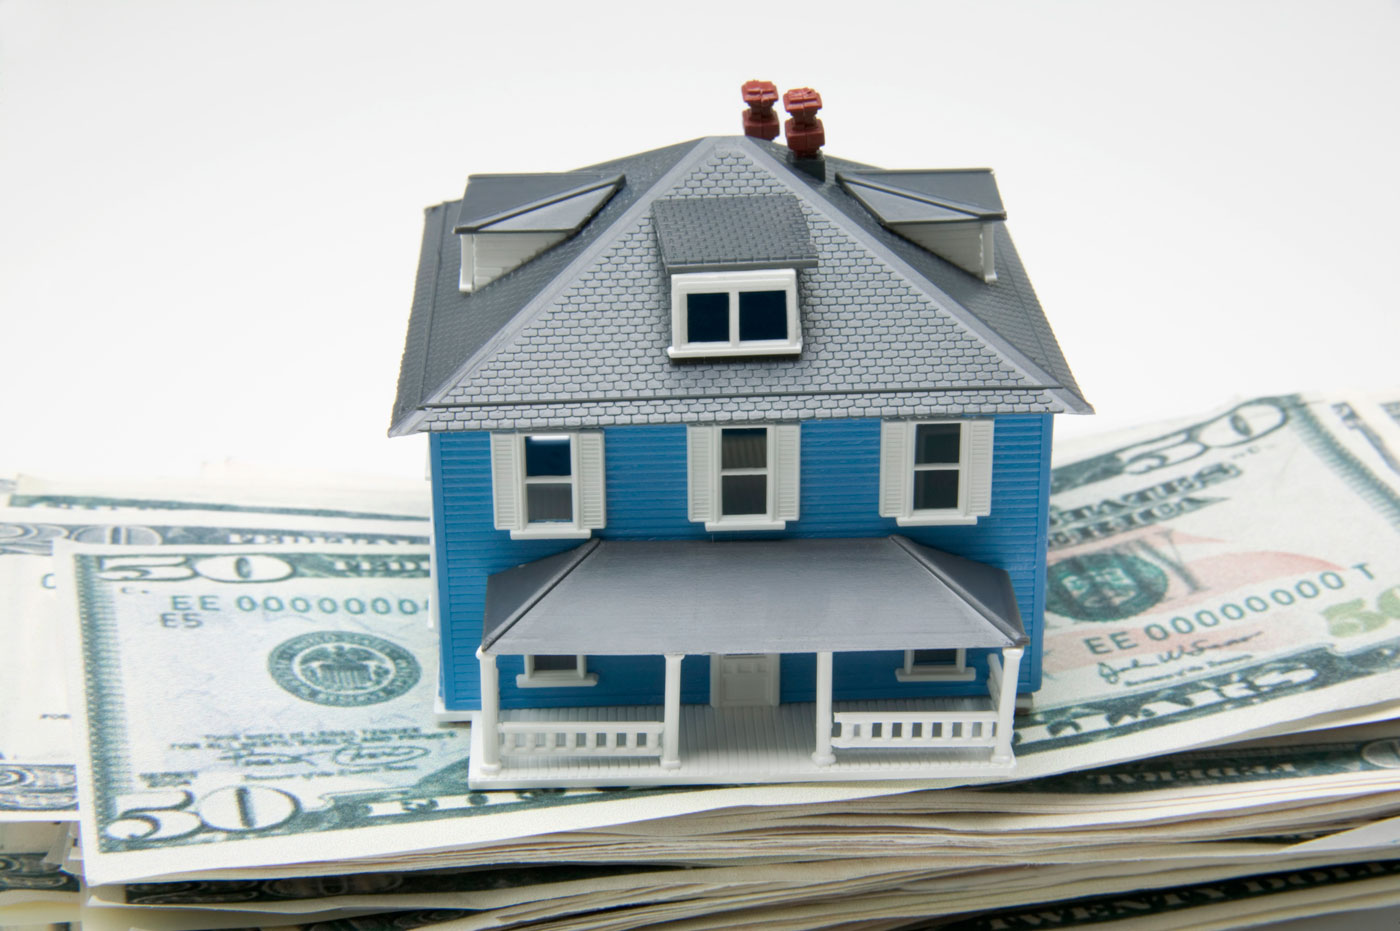 Банки москвы кредиты под залог недвижимости карт кредит европа банк личный кабинет